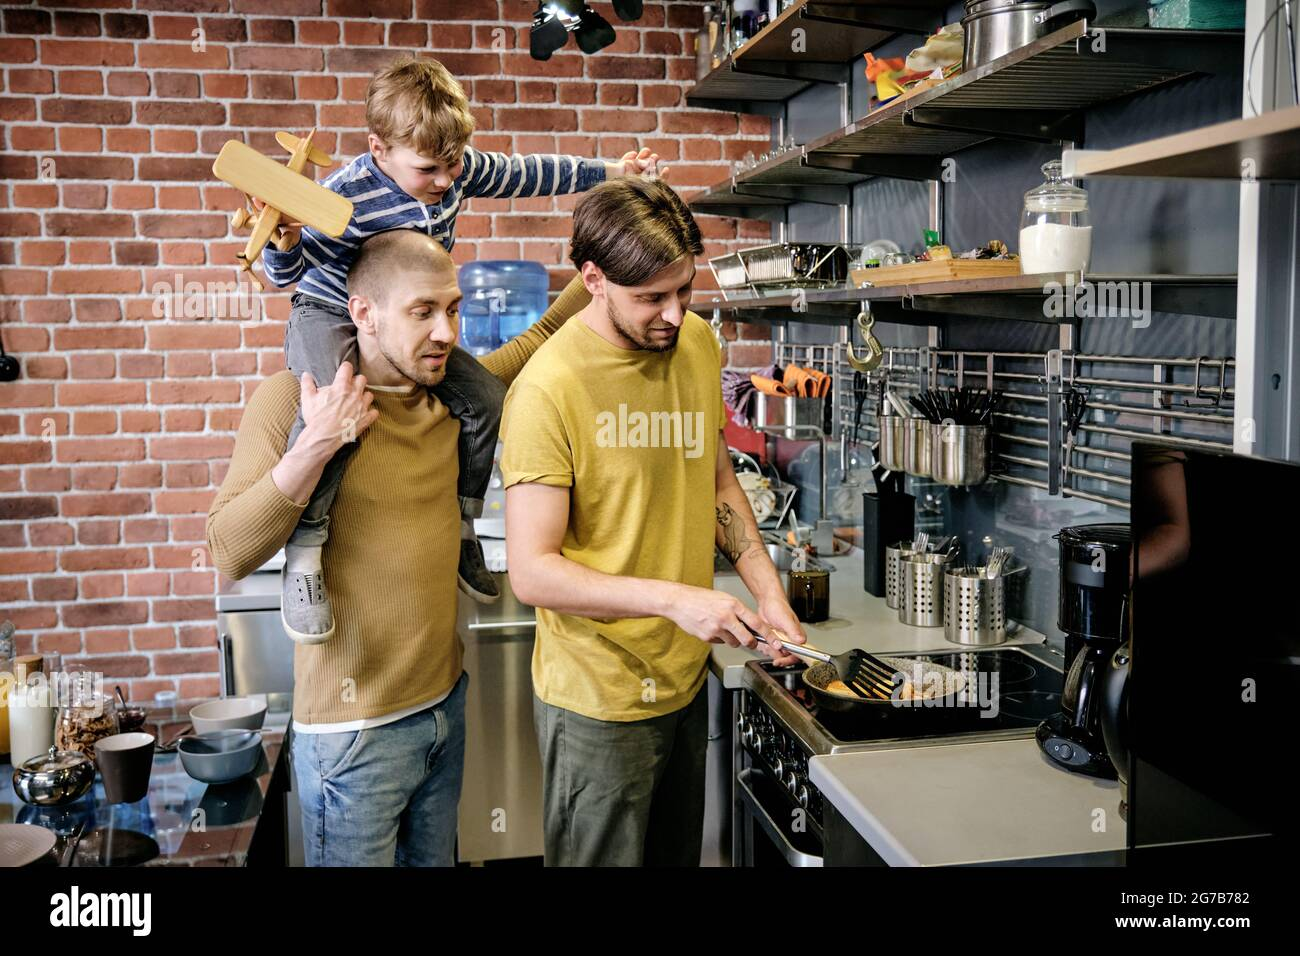 Jeune homme gay cuisant le petit-déjeuner sur la cuisinière dans la cuisine quand son mari donne le pigeyback tour à leur petit fils Banque D'Images